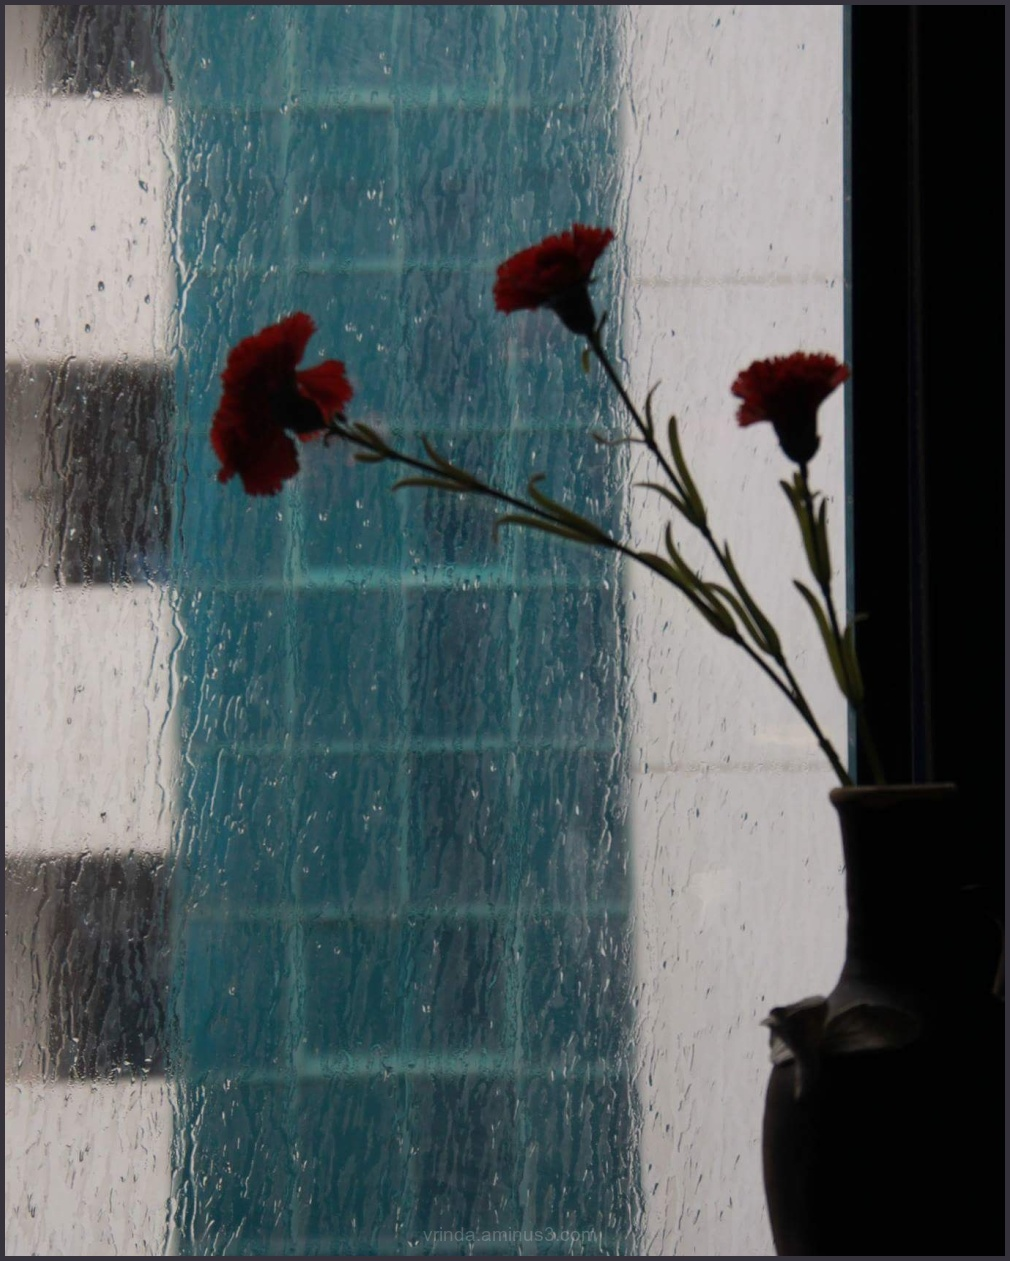 Rain on my window pane